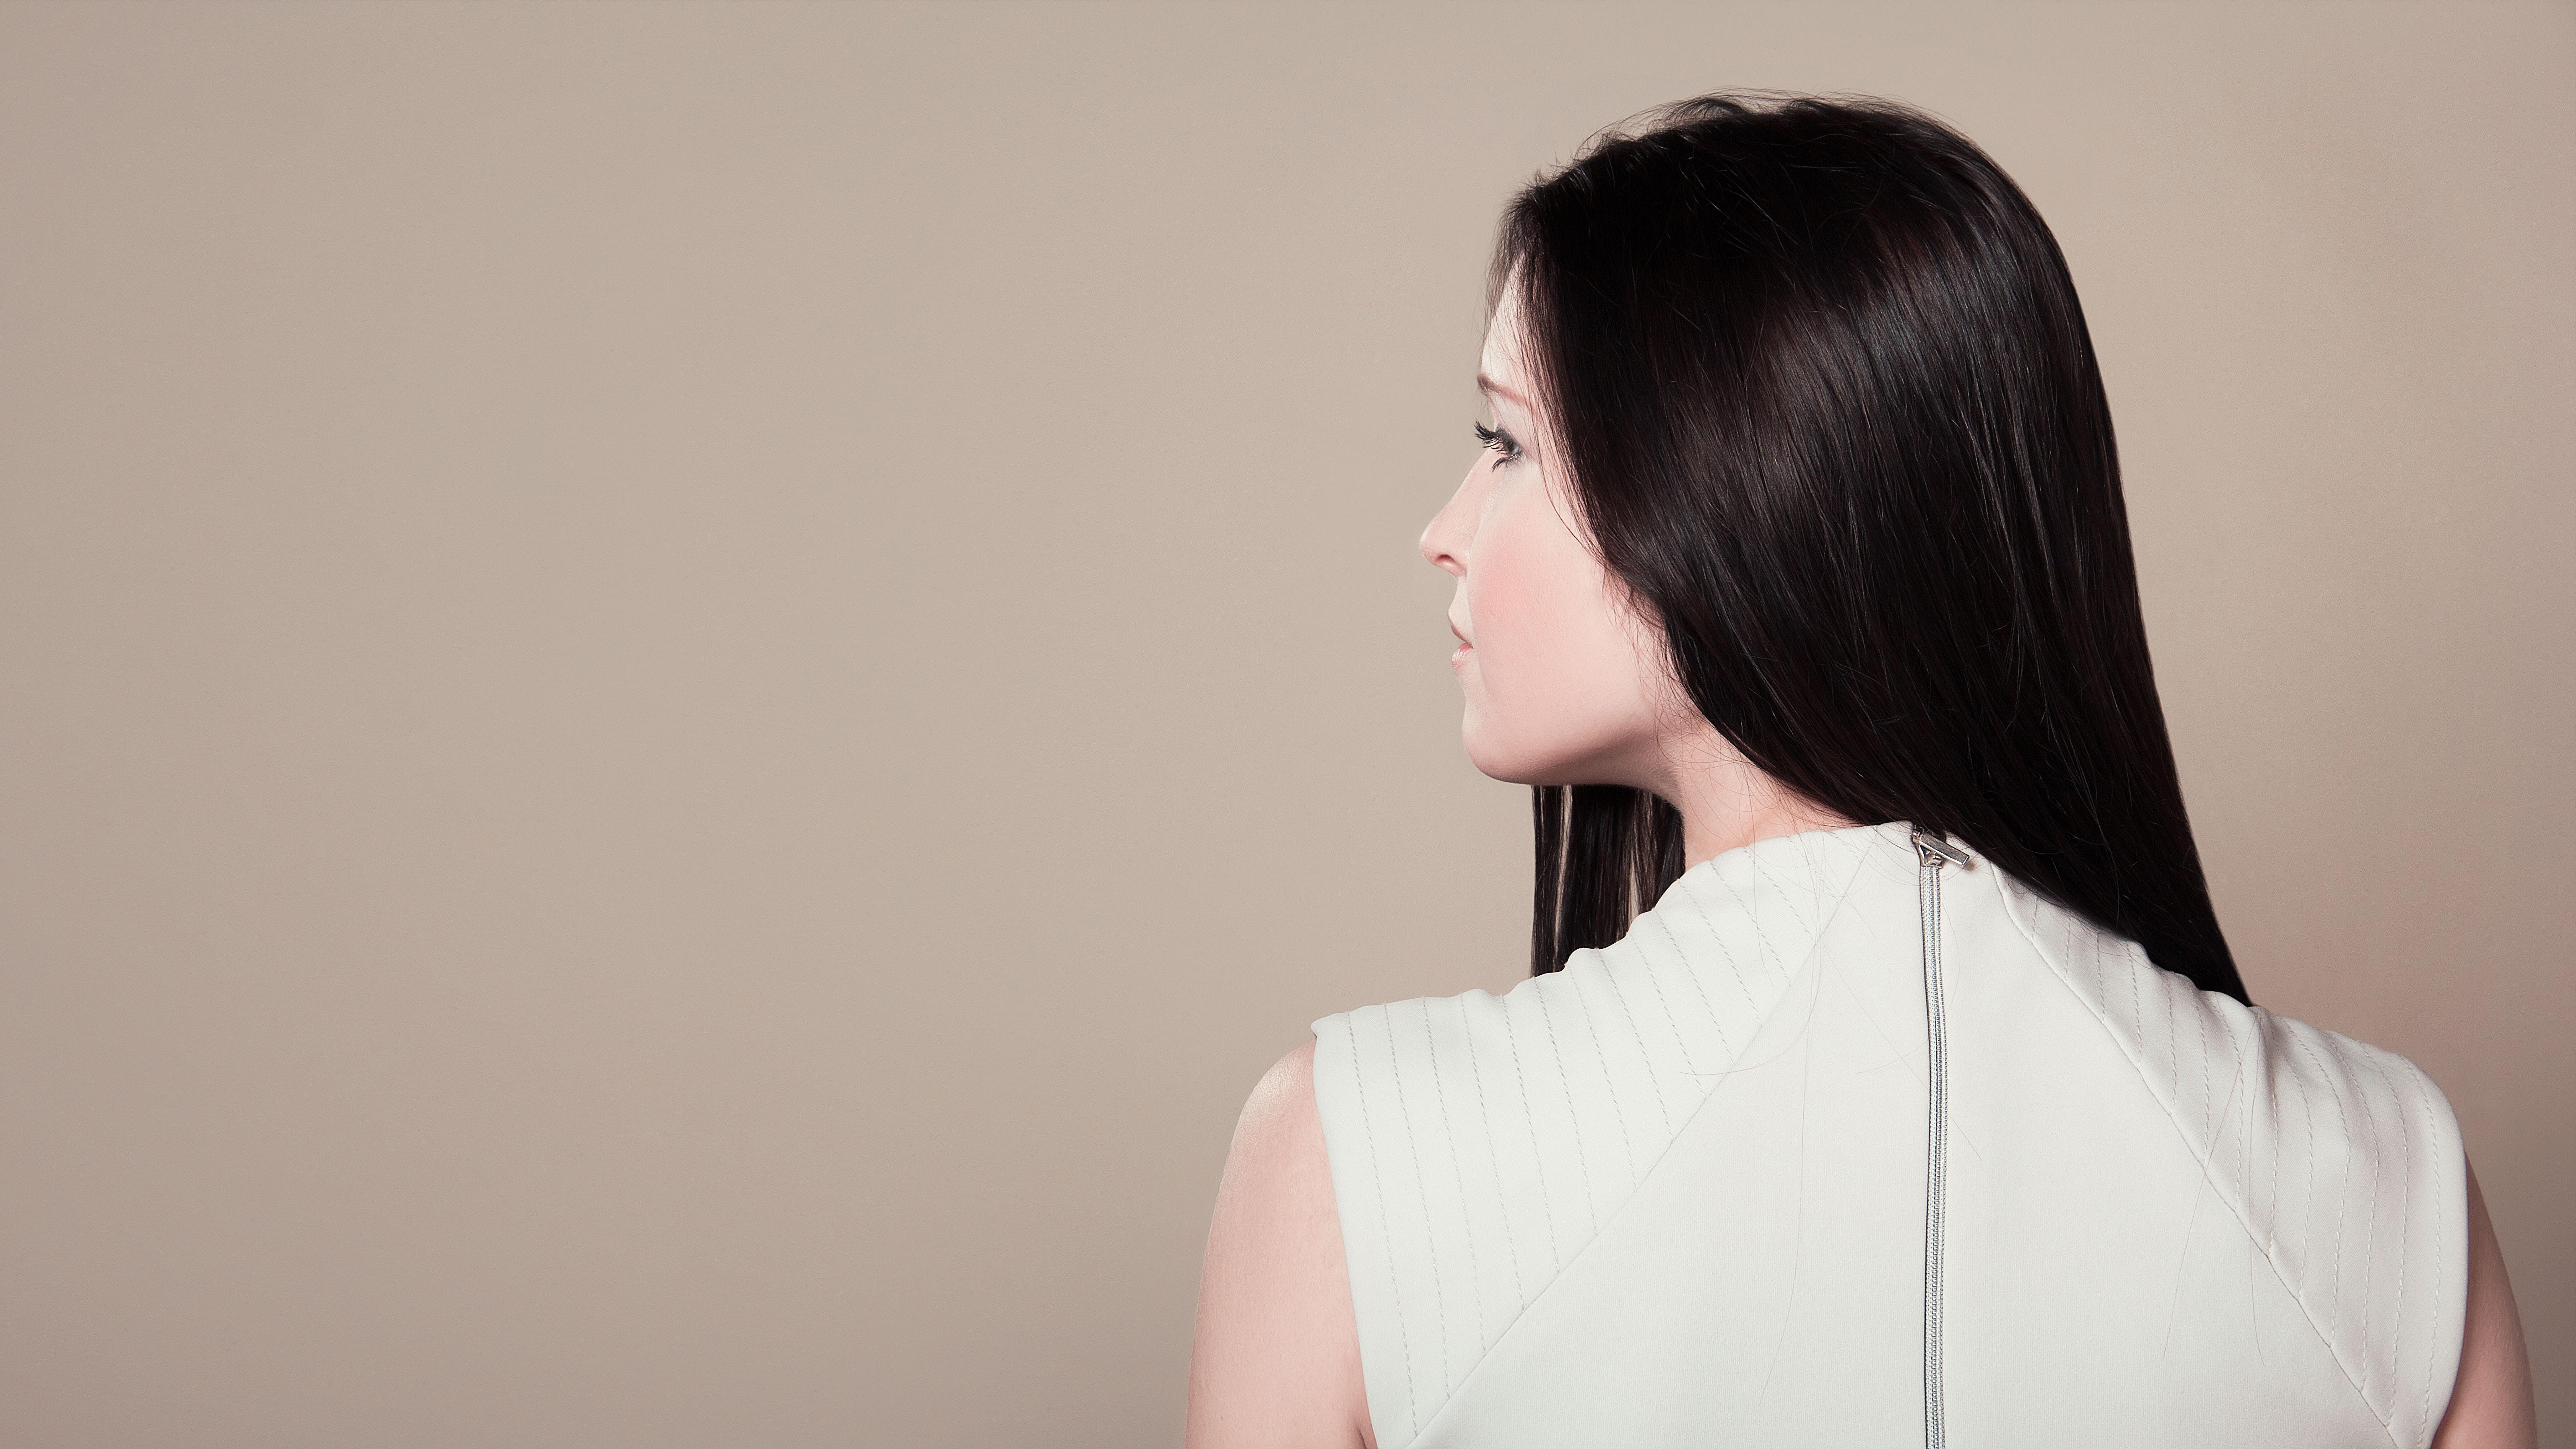 Che significa avere capelli sani?